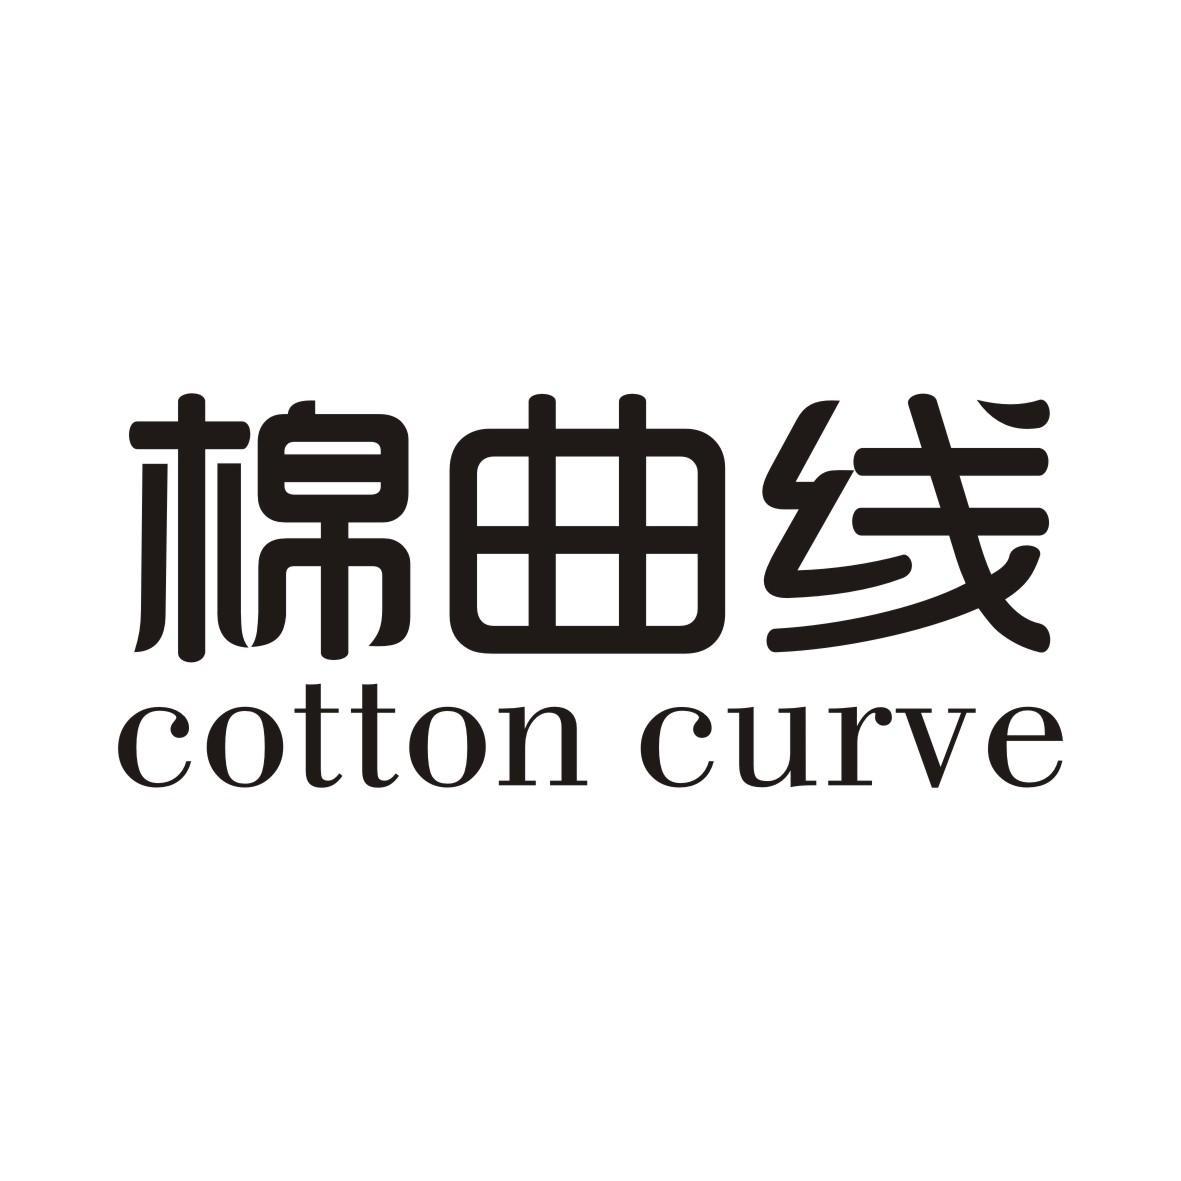 转让商标-棉曲线 COTTON CURVE